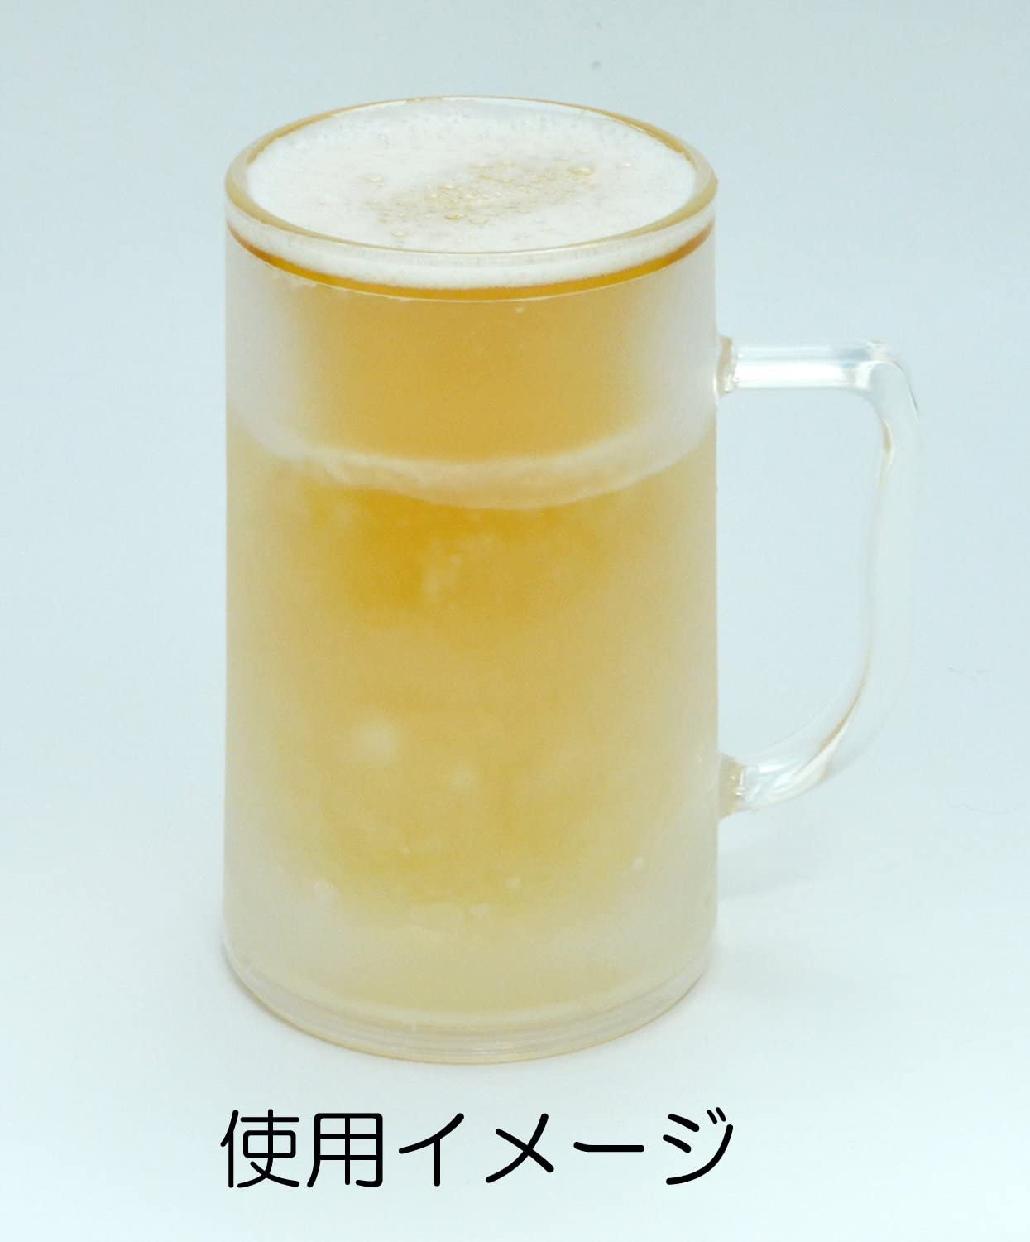 ユタカ産業(YUTAKA CORPORATION) 冷保 ジョッキの商品画像6